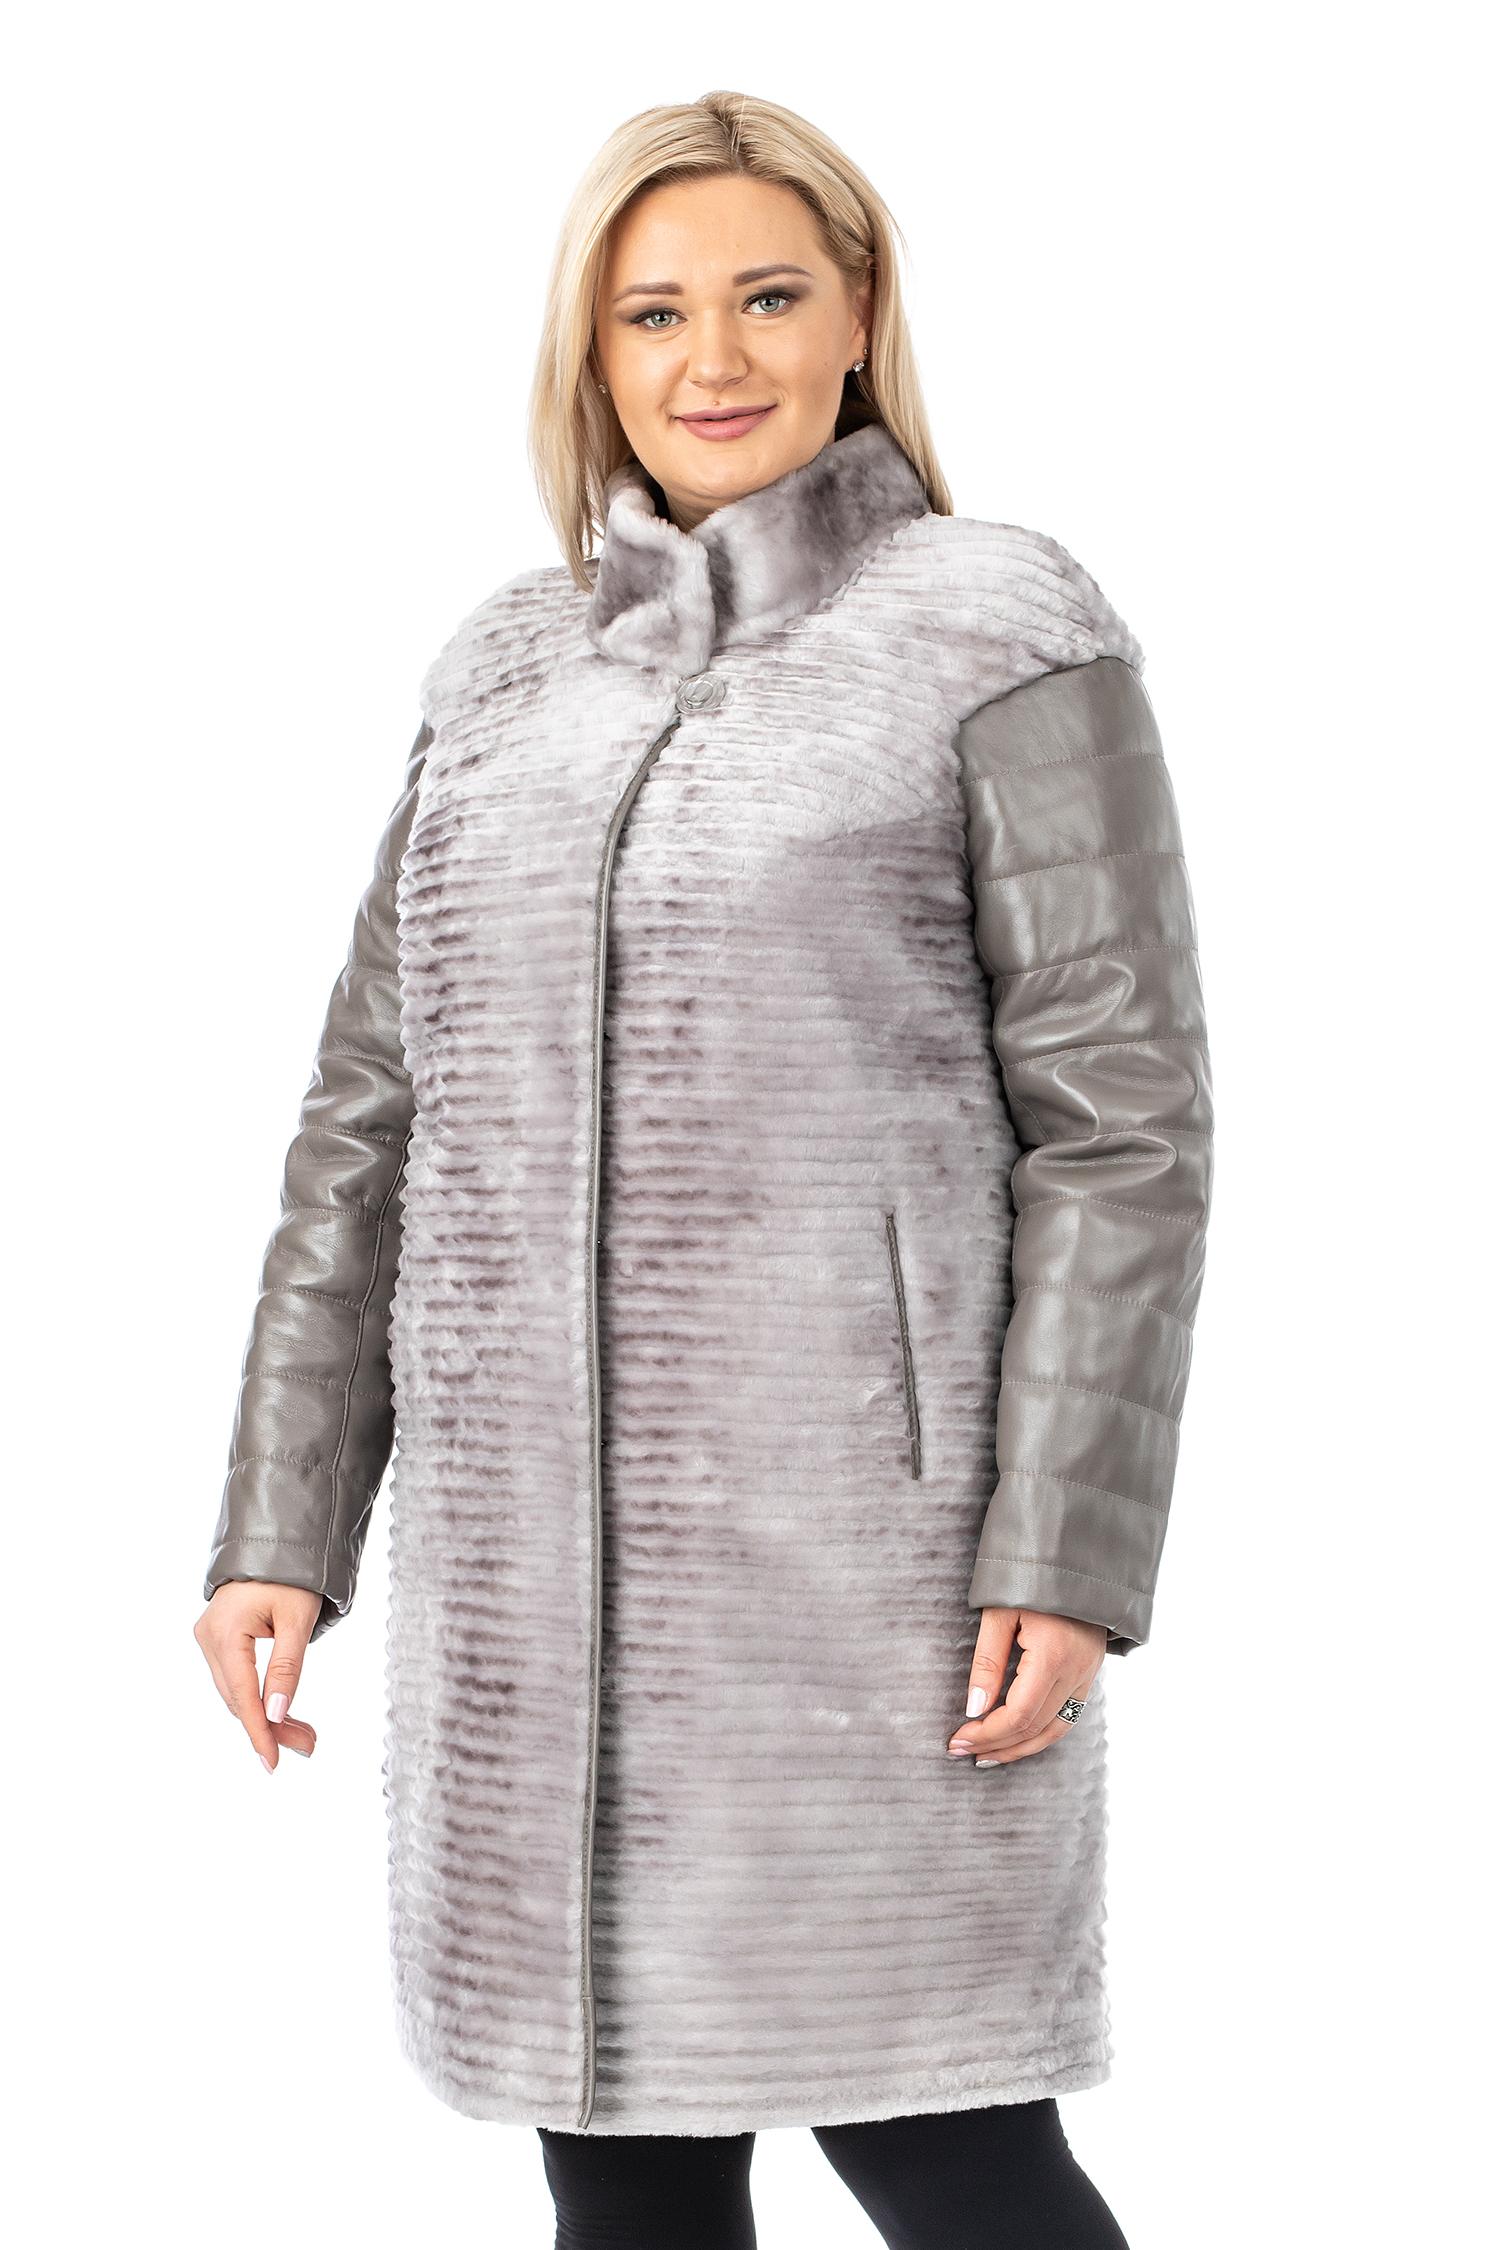 Купить Шуба из мутона с воротником, МОСМЕХА, серый, Мутон, 1301487